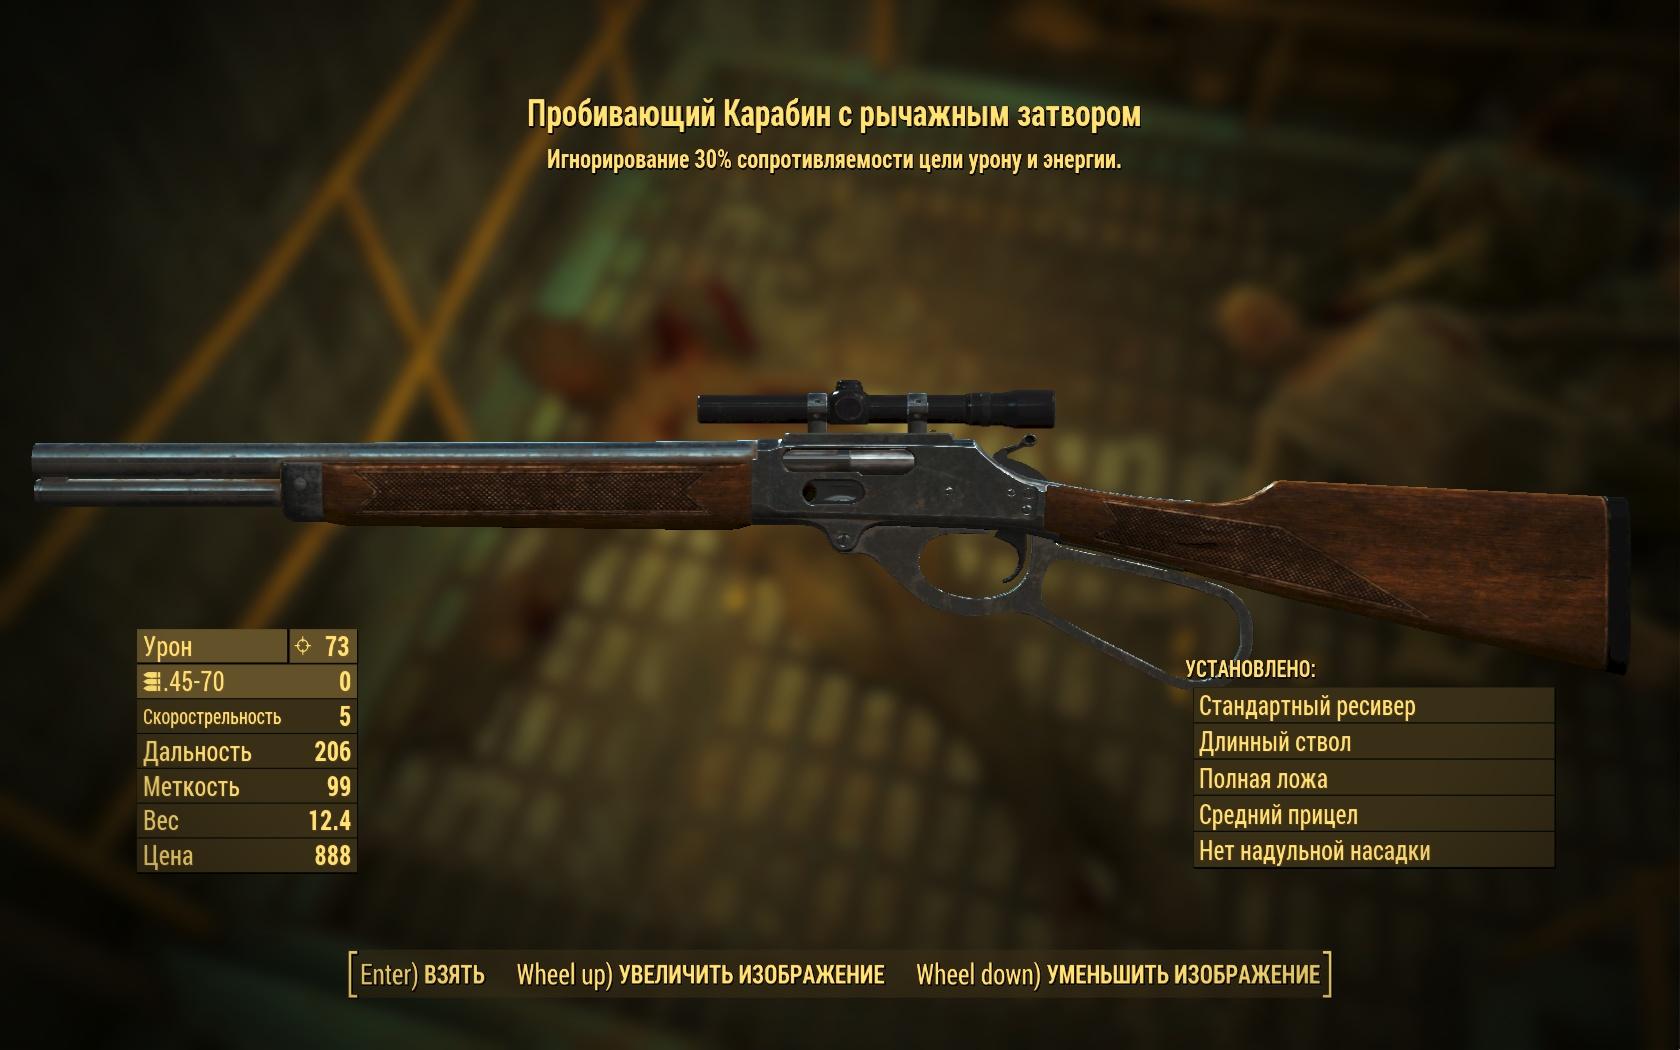 карабин - Fallout 4 Оружие, Пробивающий, рычажный